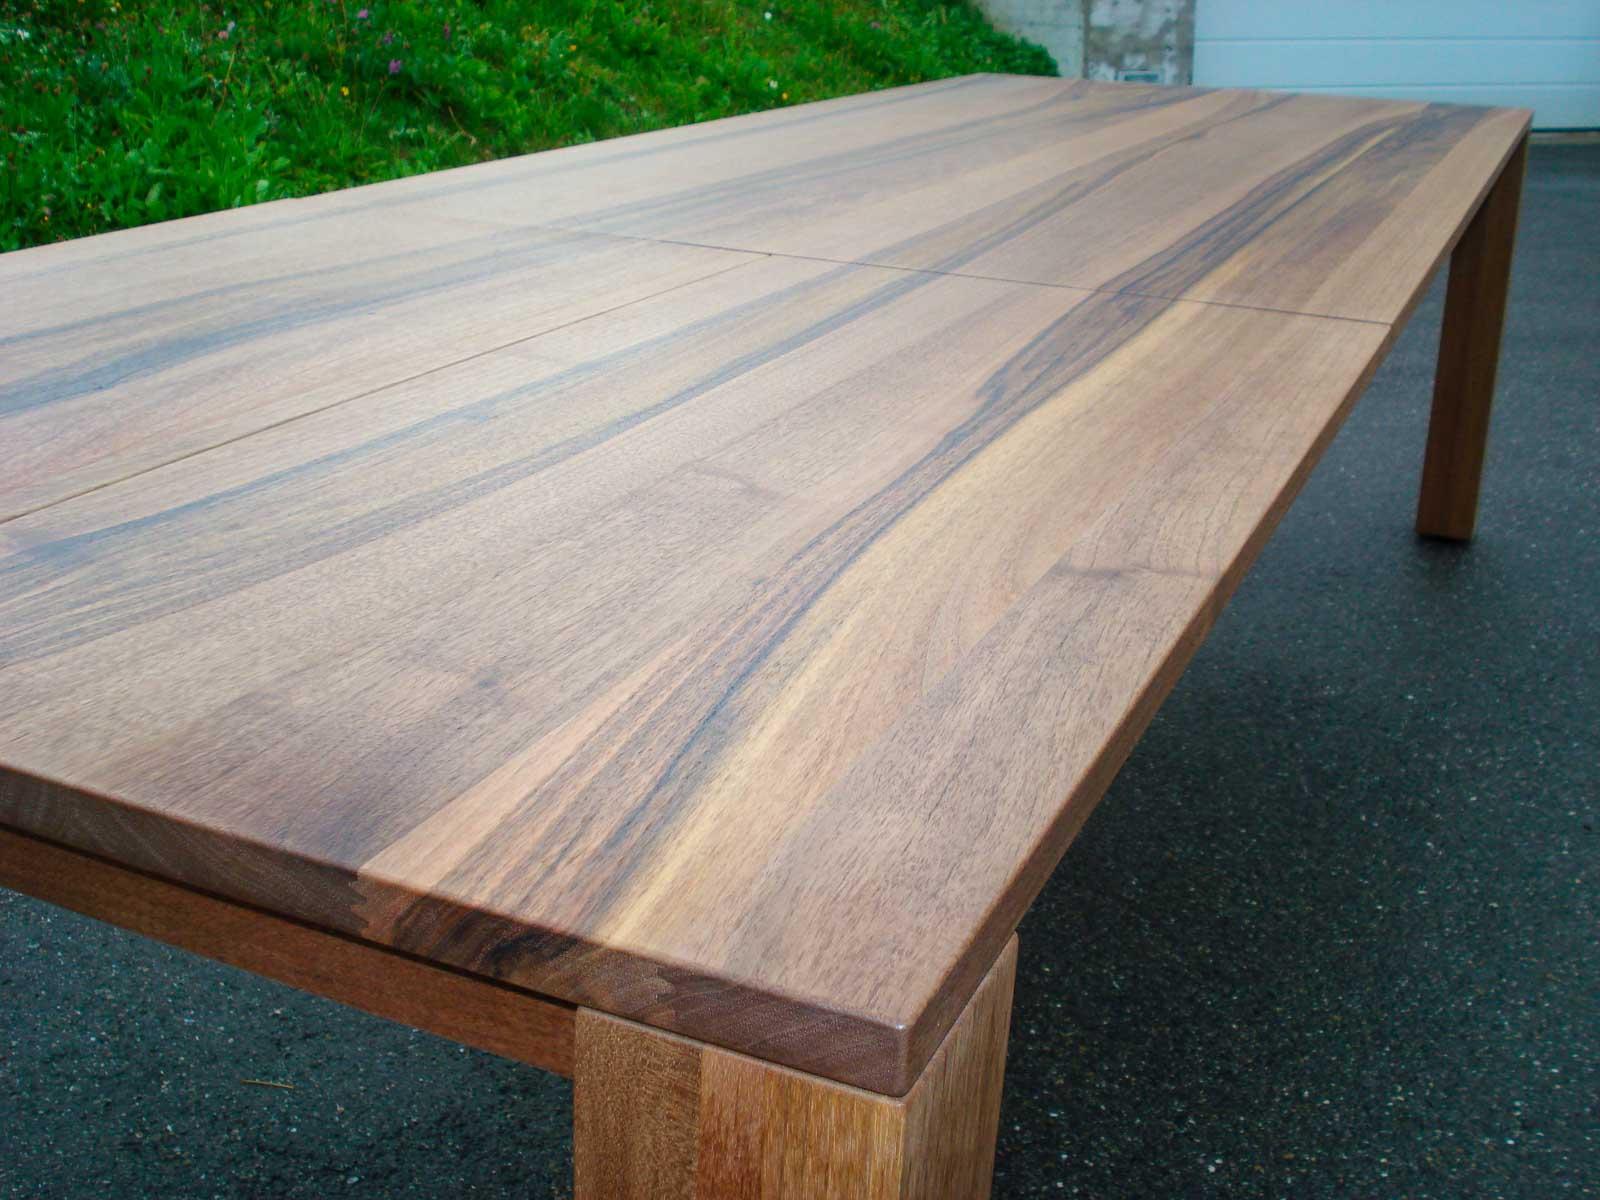 Wooddesign_Nussbaum massiv_ausziehbar_Ausziehtisch_Tischeinlage unter dem Tisch_Tischbeine mitlaufend (2)